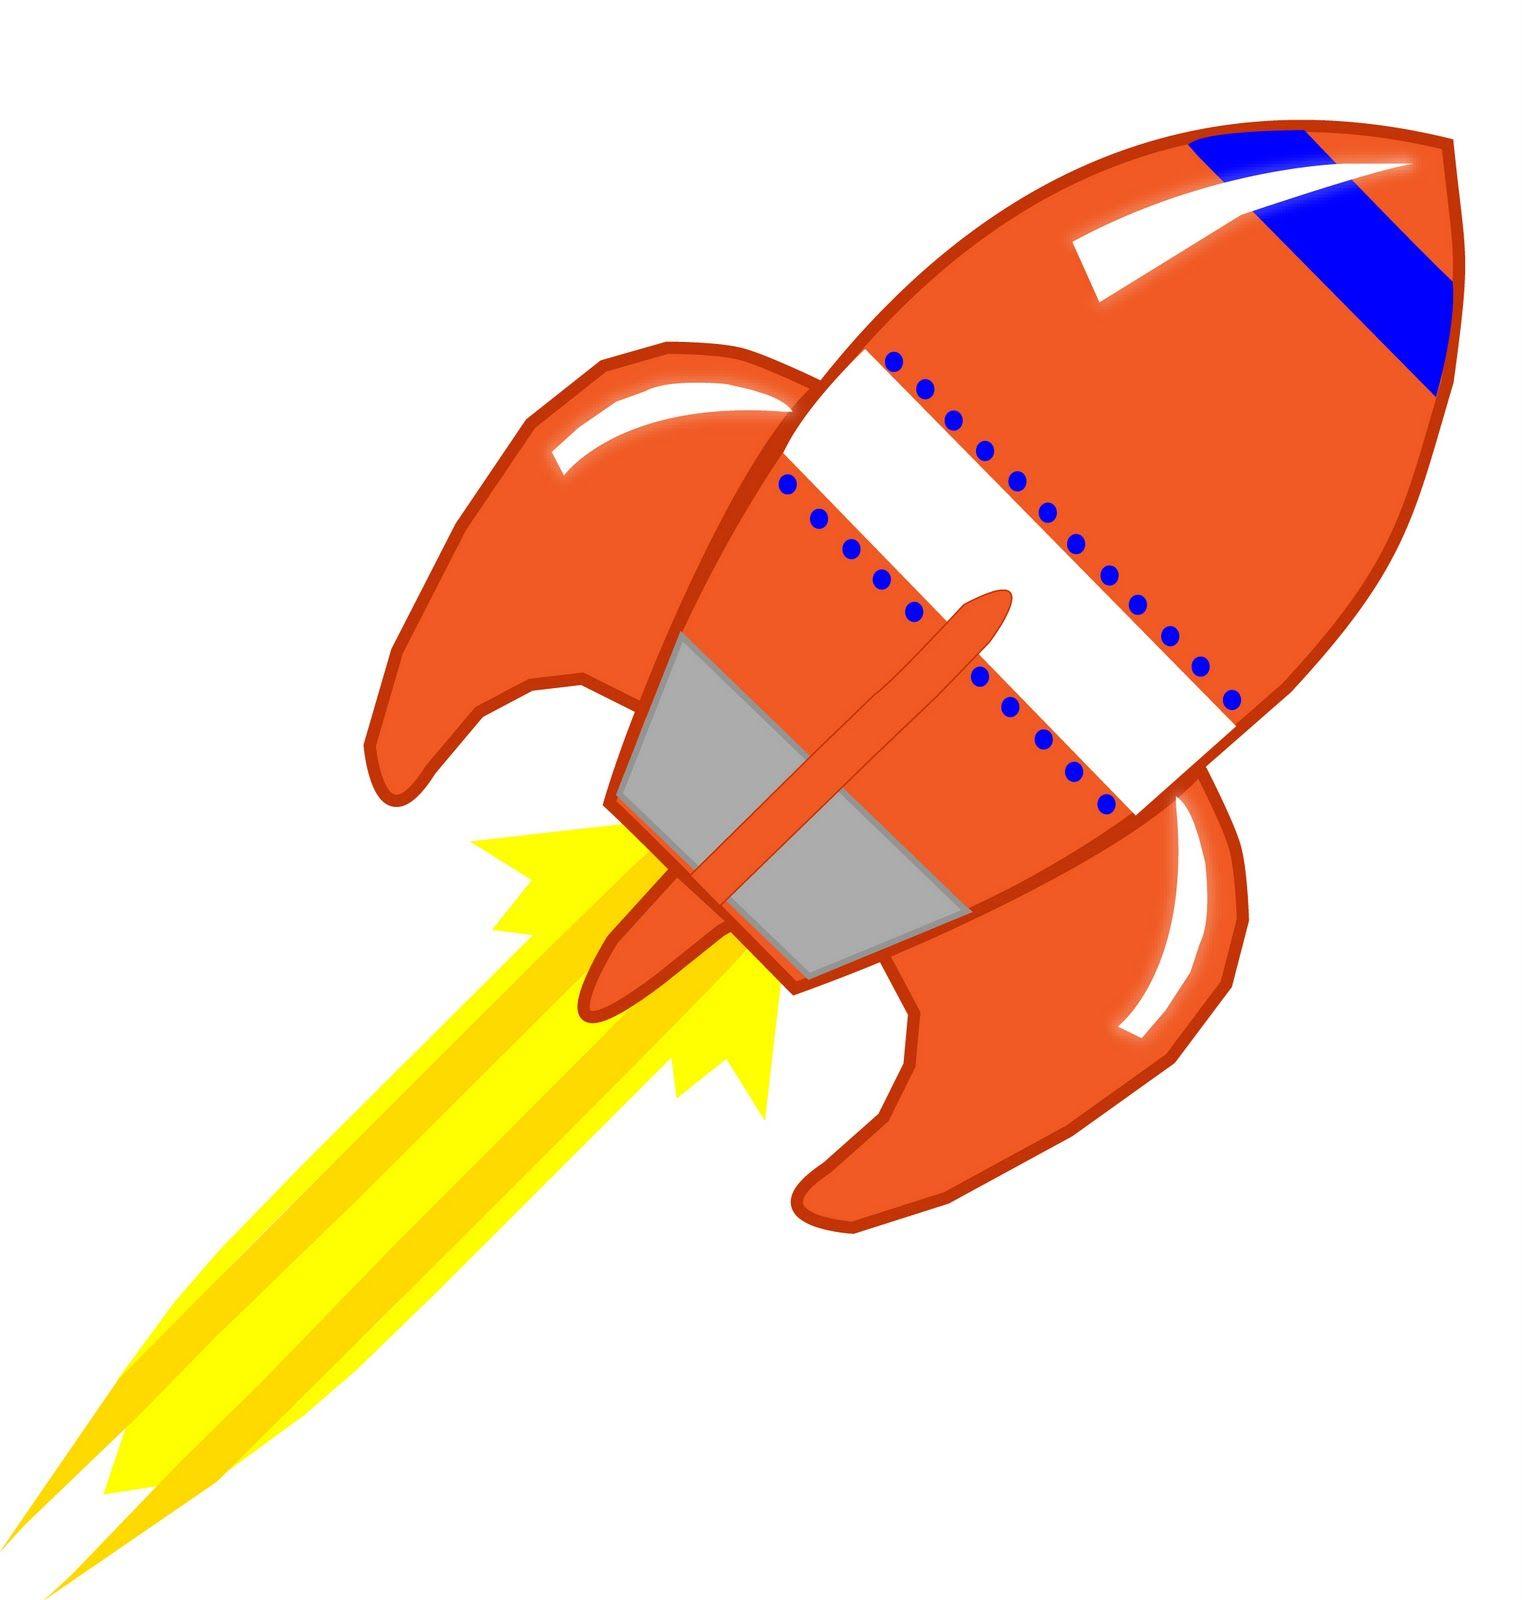 Rocket Ship, Wind Sock, Reference Images